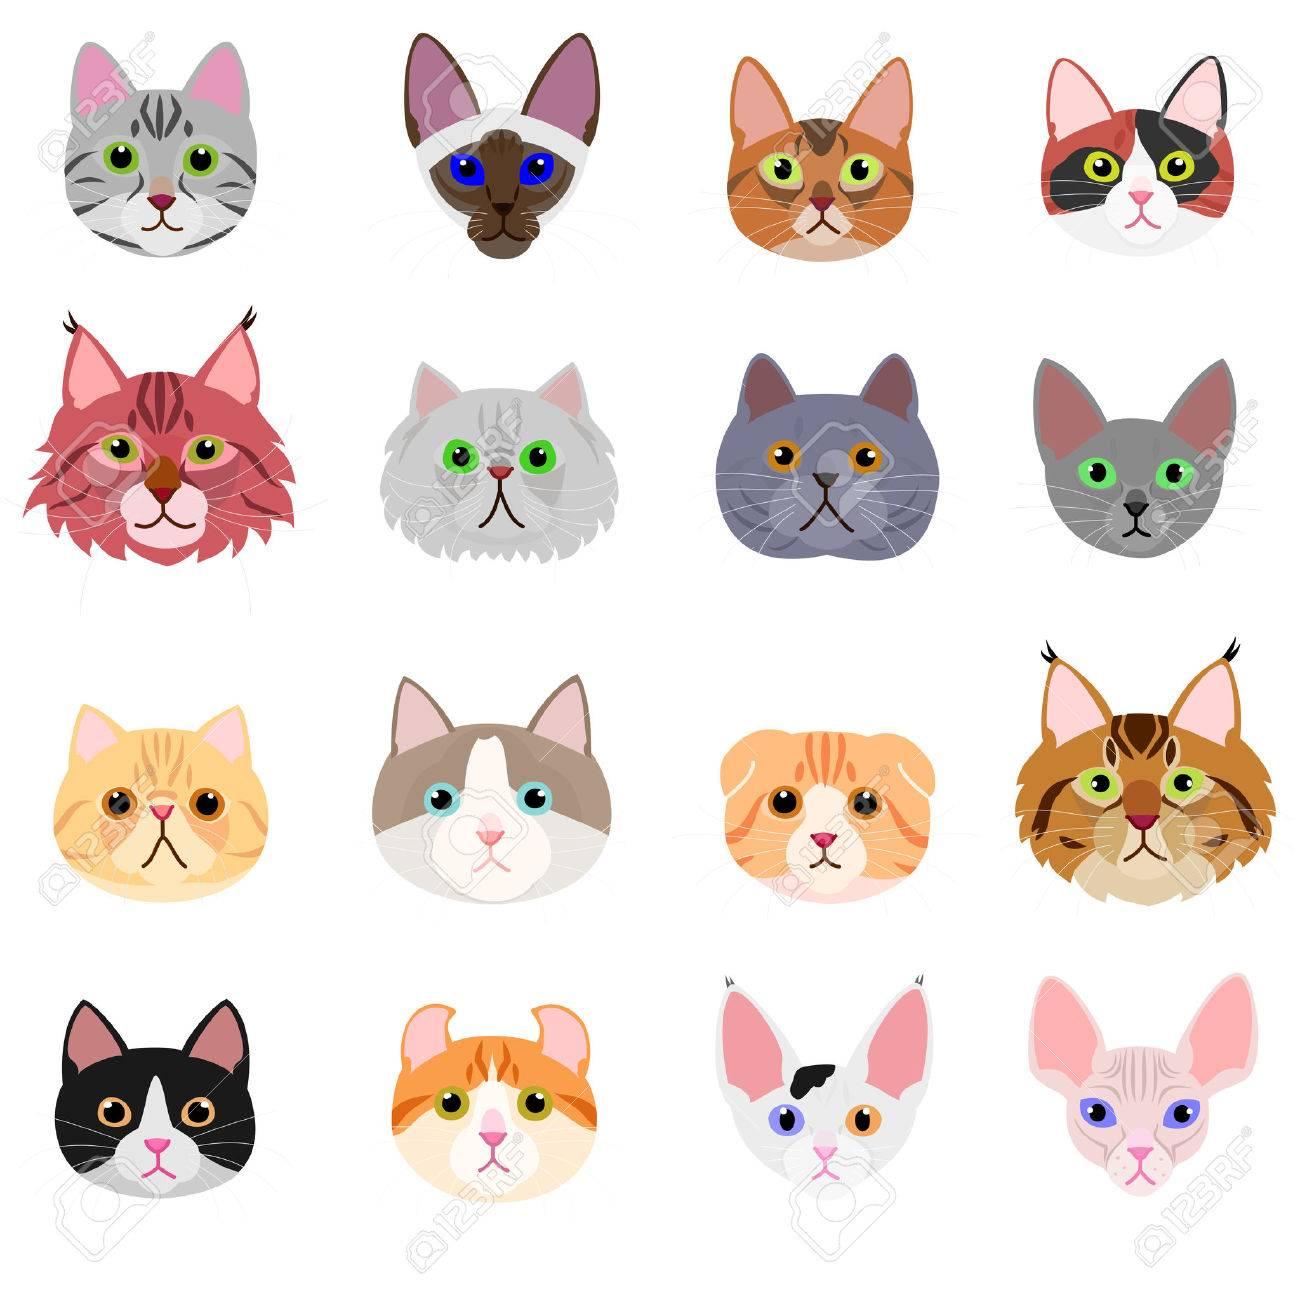 猫顔の白い背景の設定のイラスト素材 ベクタ Image 65002741